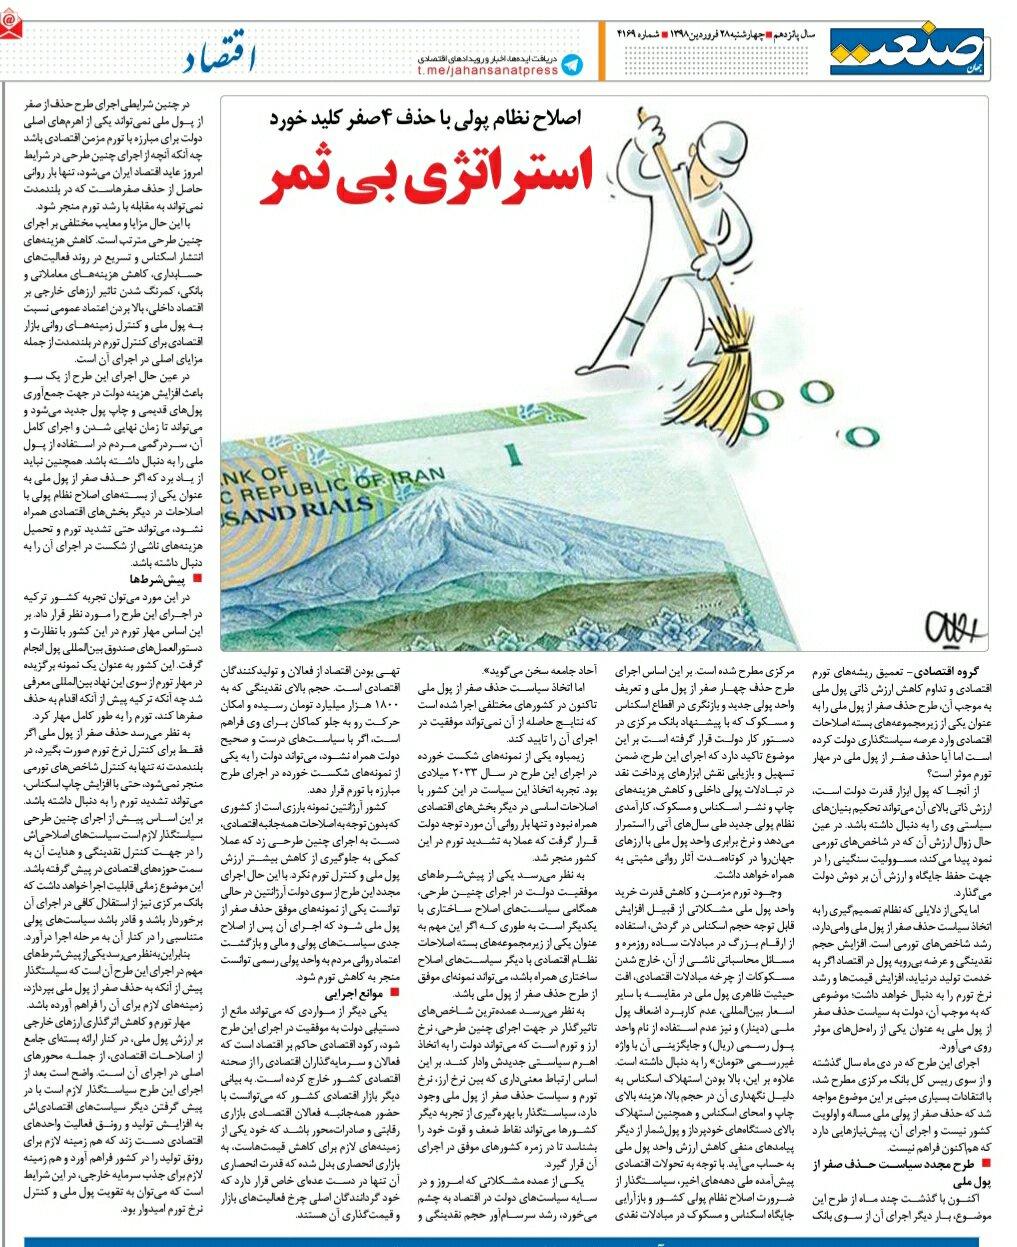 بين الصفحات الإيرانية: ظريف في جولته الإقليمية... استمرار الدور الإيراني حيث تنزعج واشنطن 5